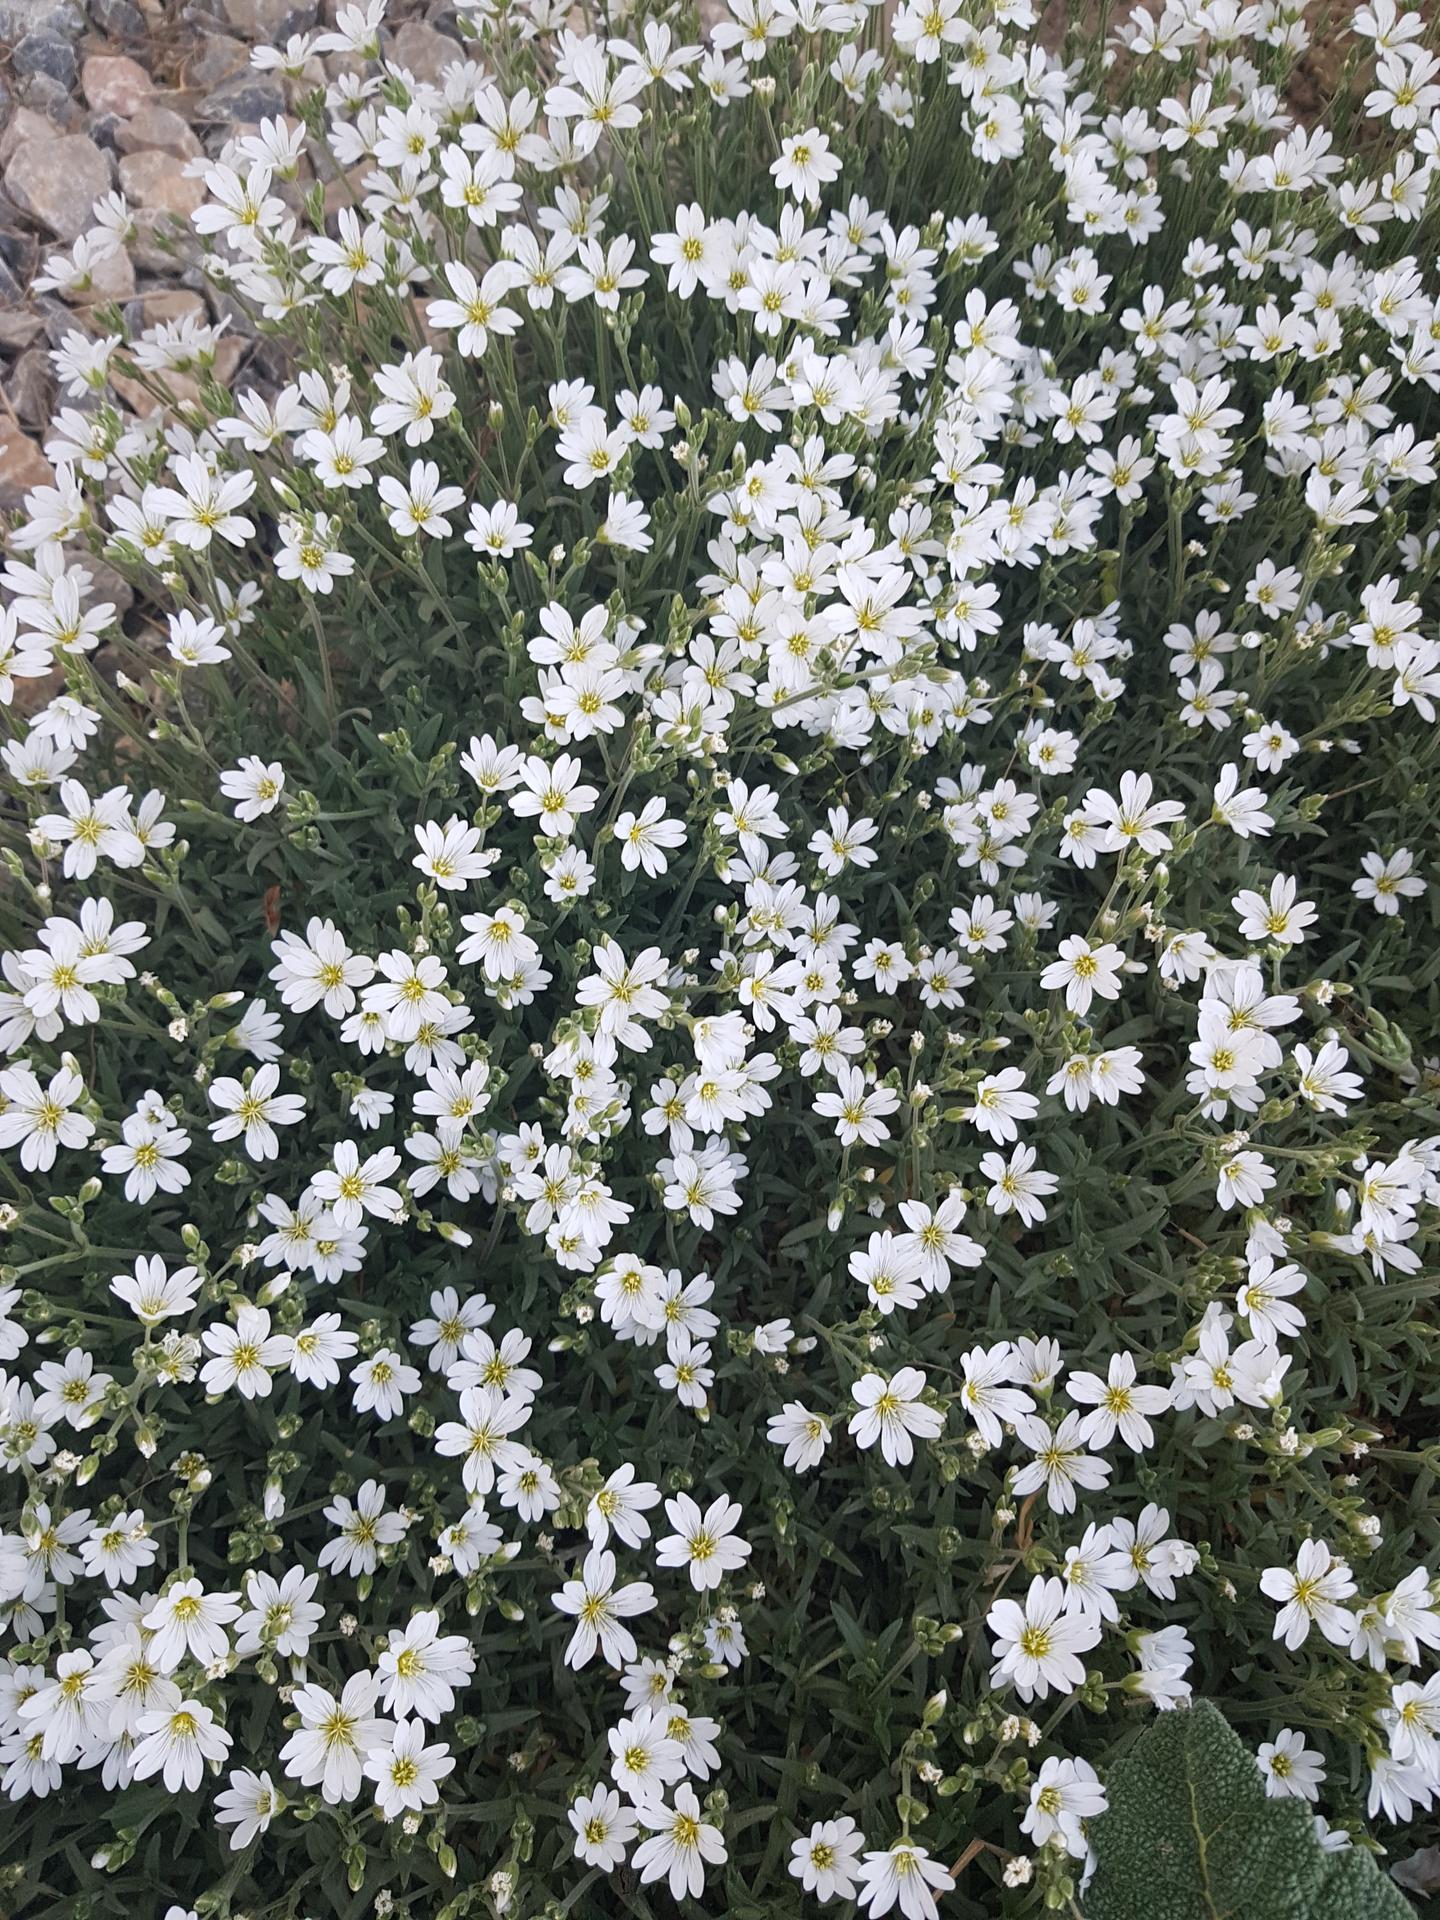 Okrasne zahony - rozec plstnaty